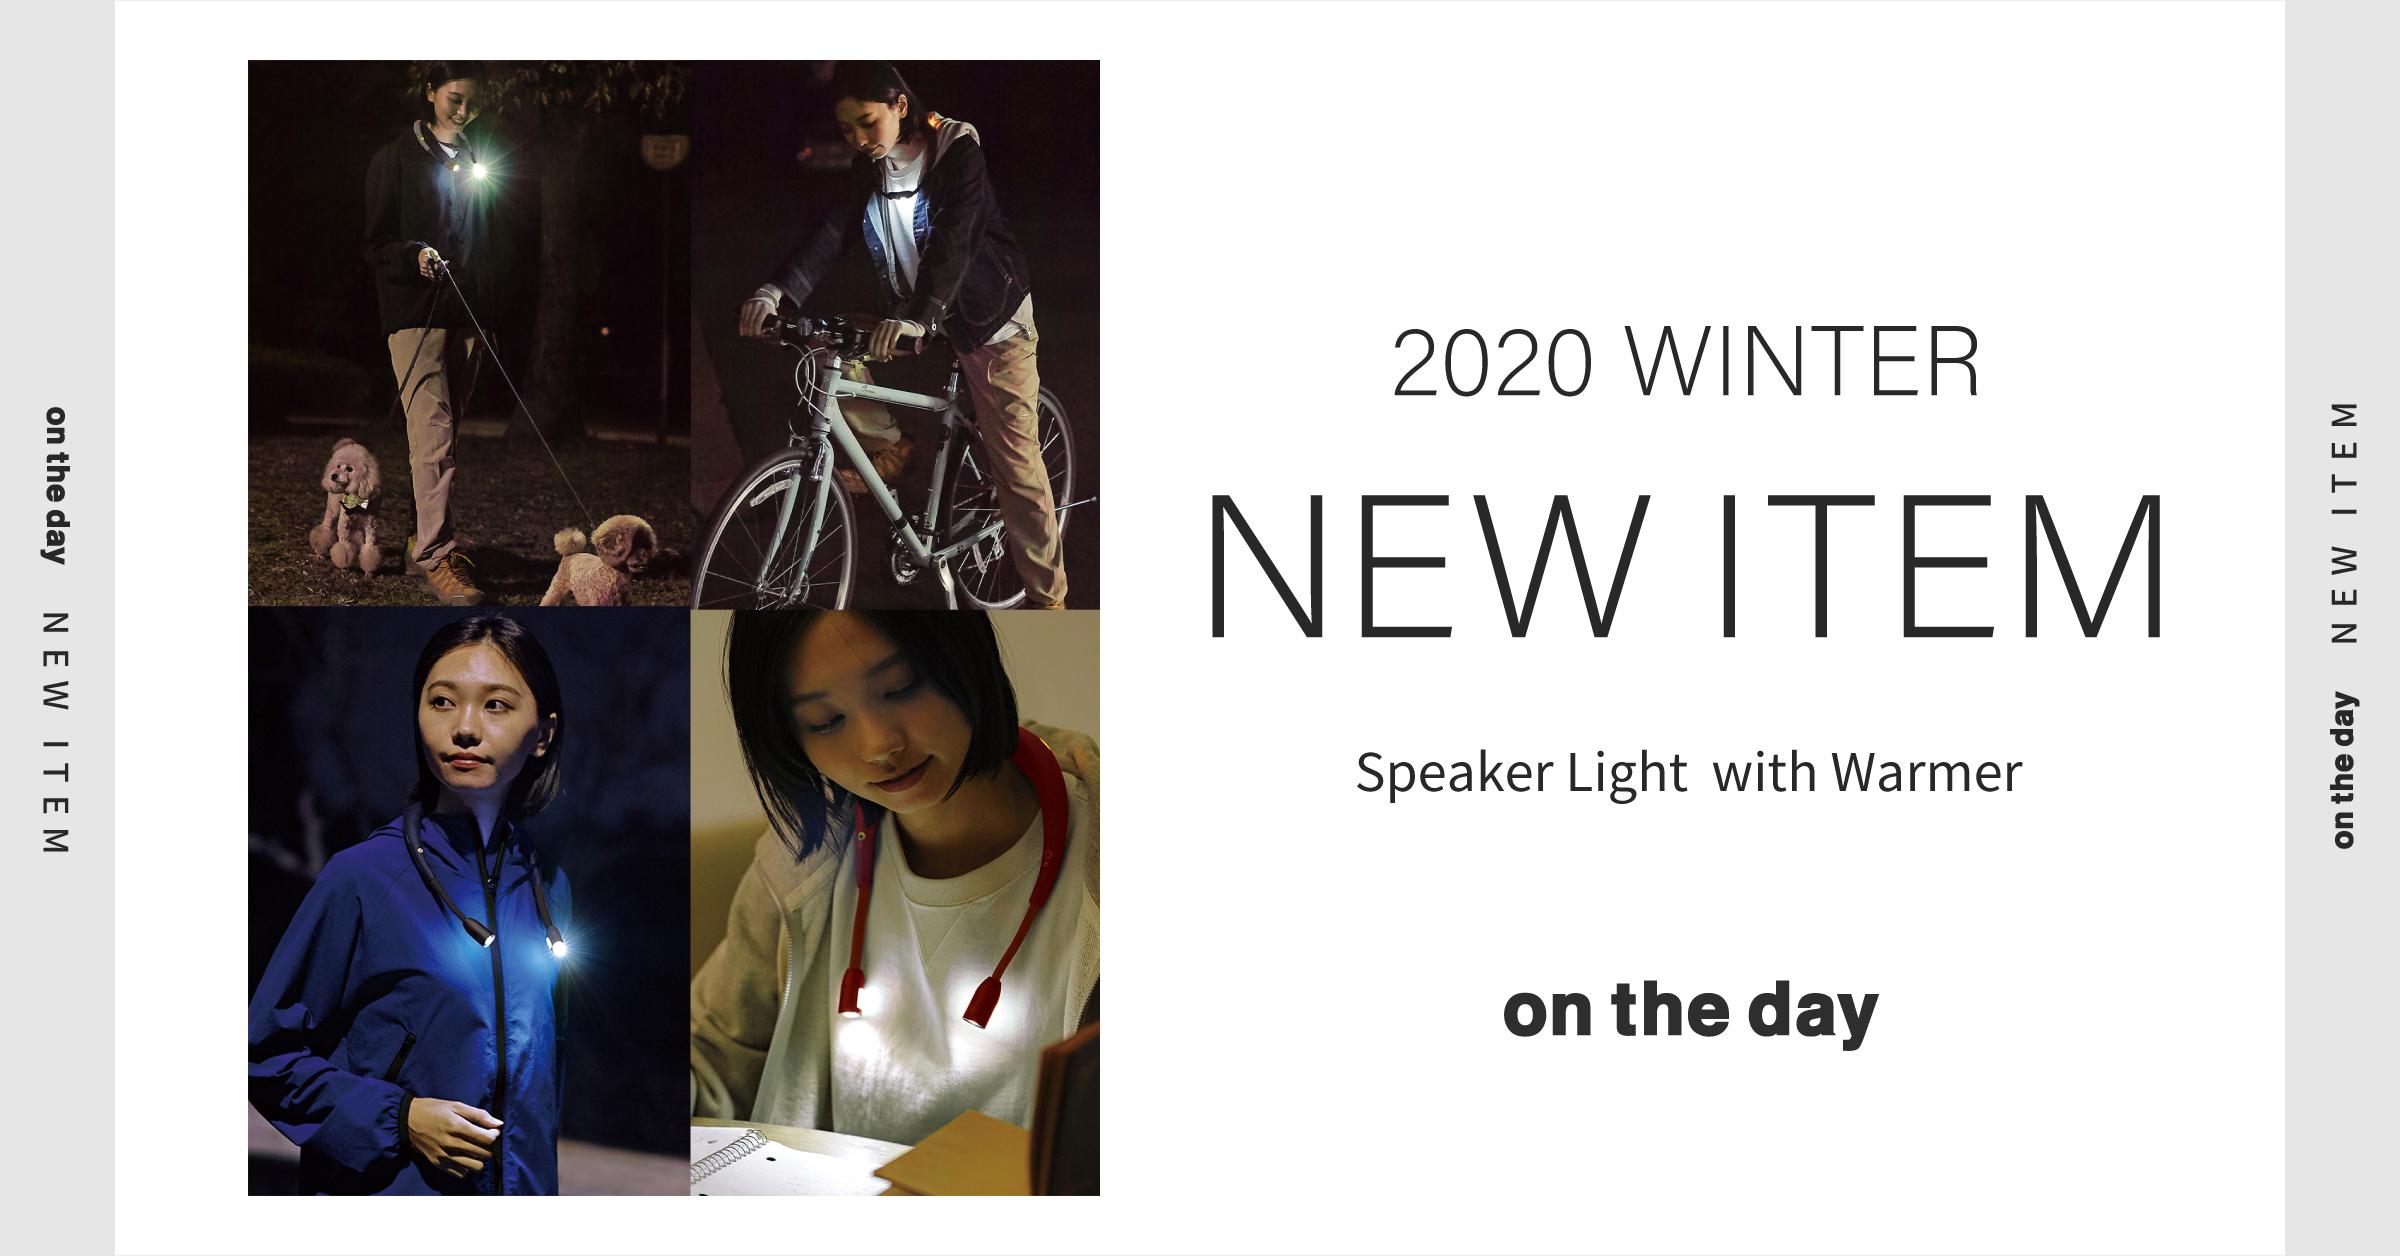 寒い冬を快適に【Speaker Light with Warmer】